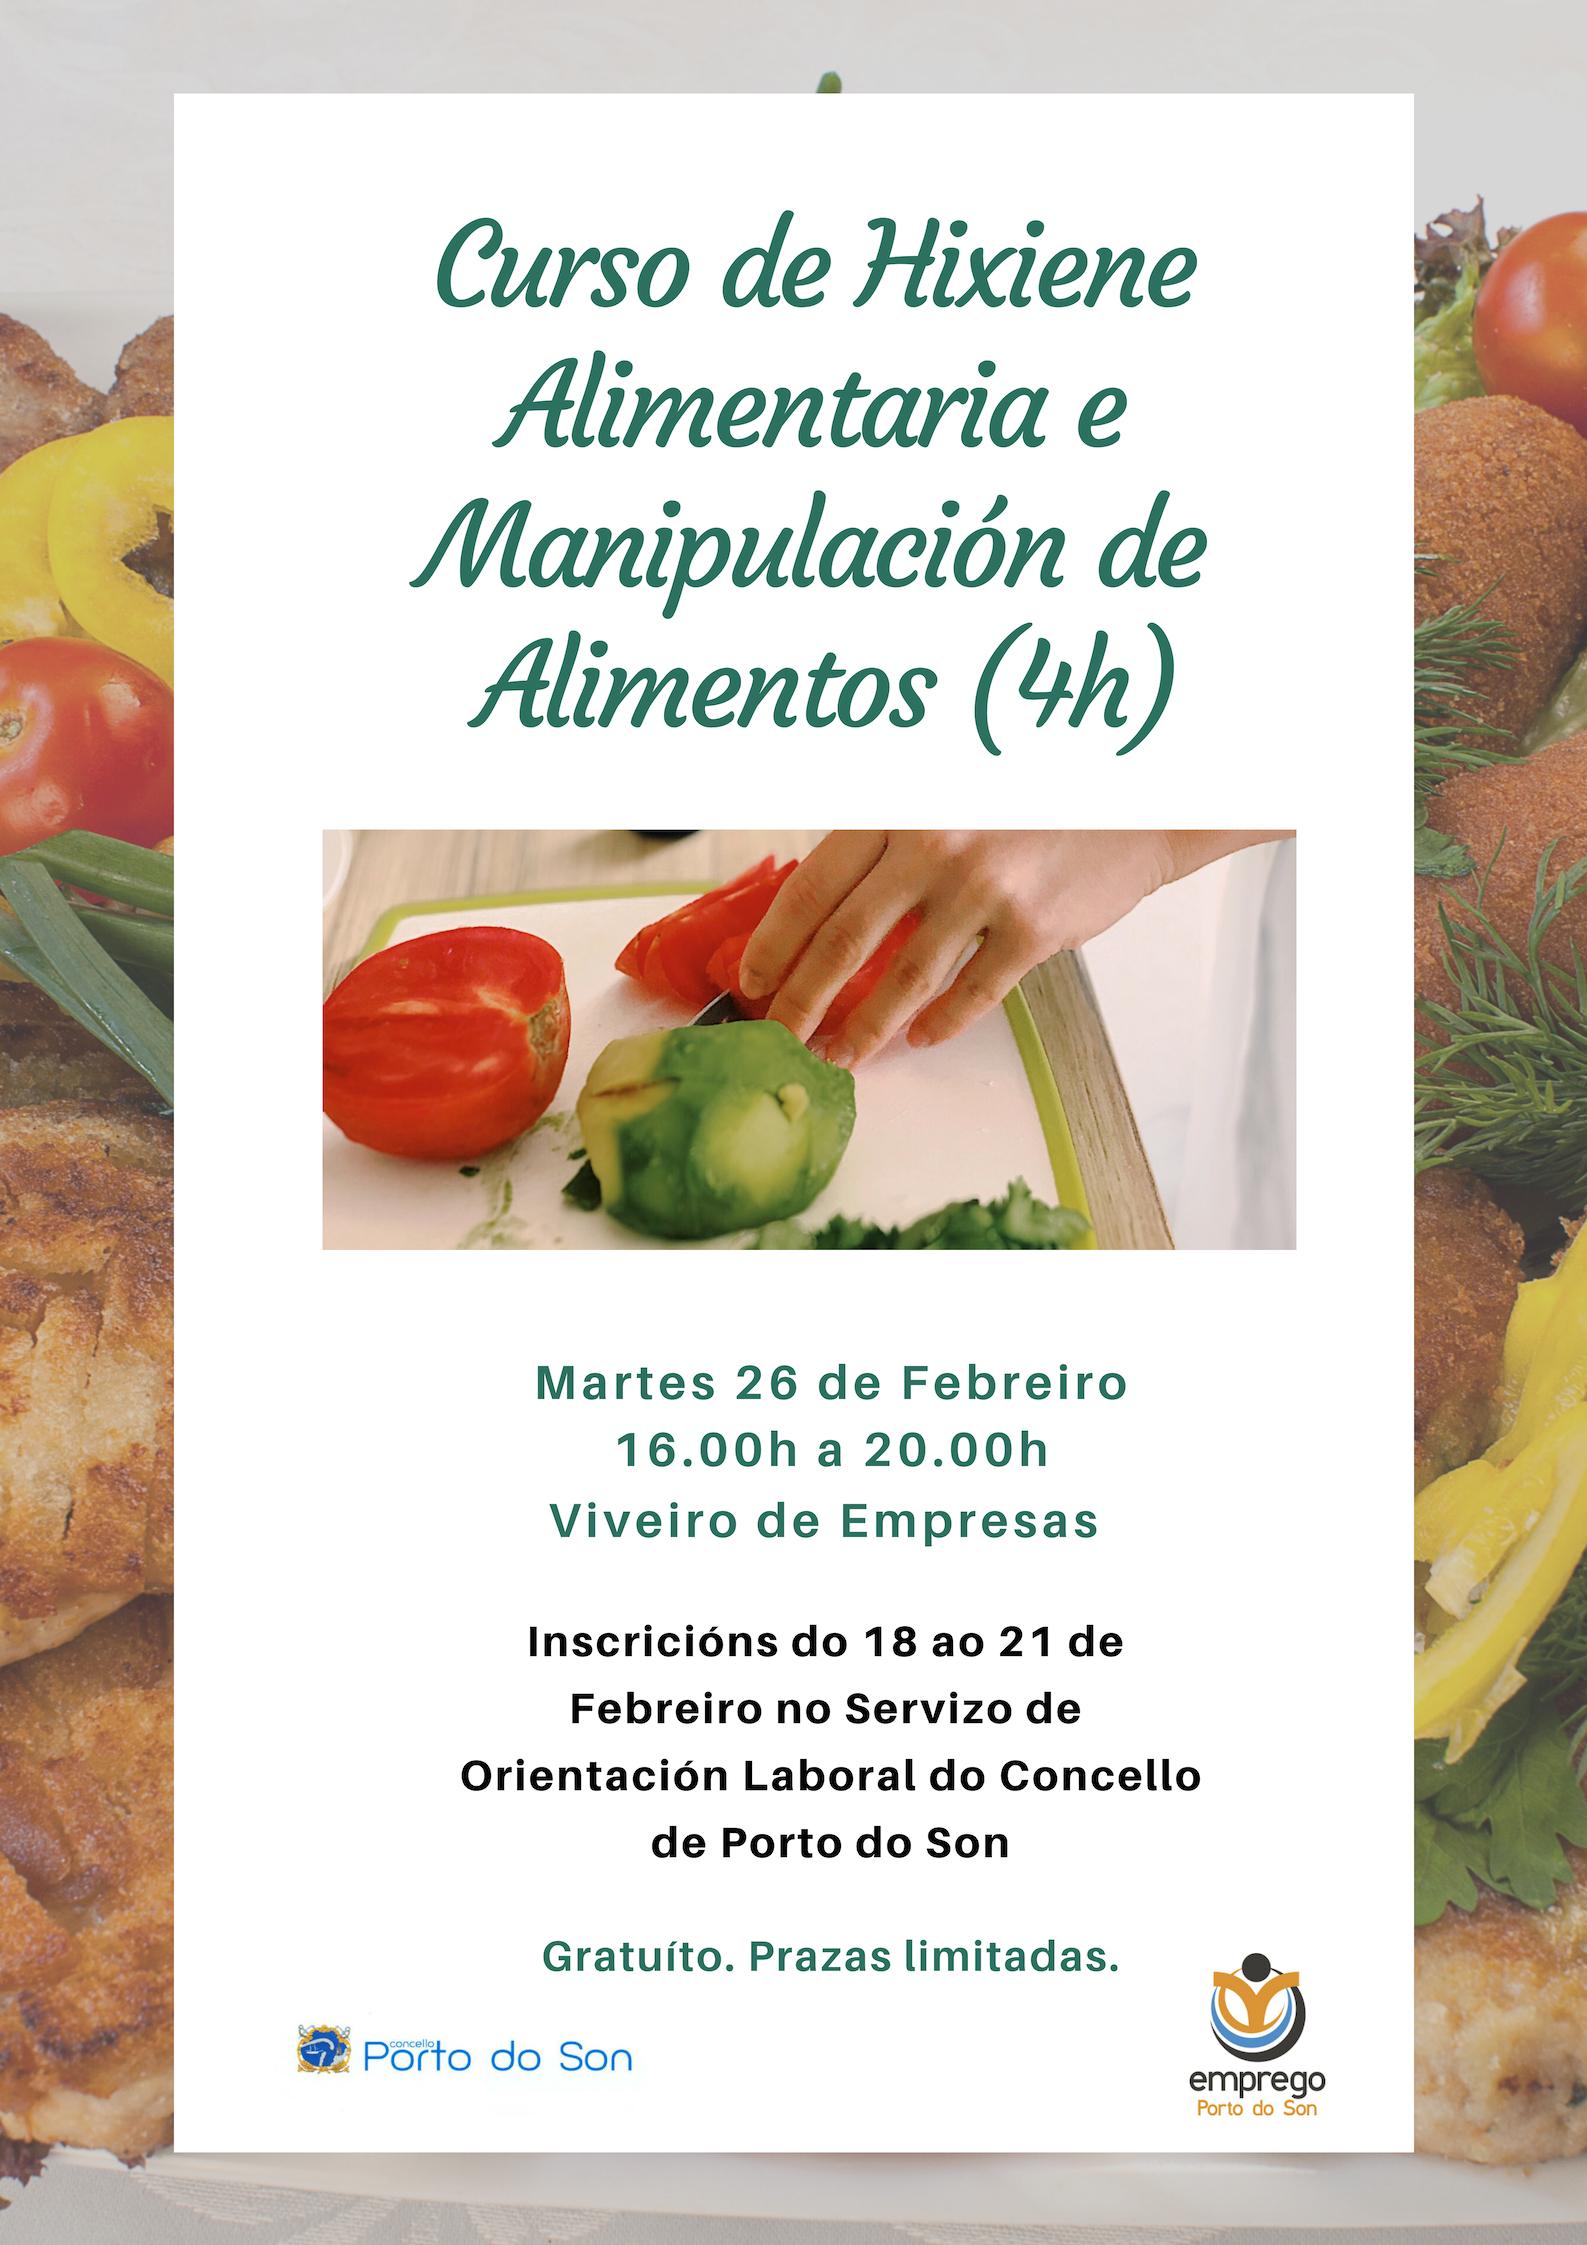 Curso de Hixiene Alimentaria e Manipulación de Alimentos feb 2019